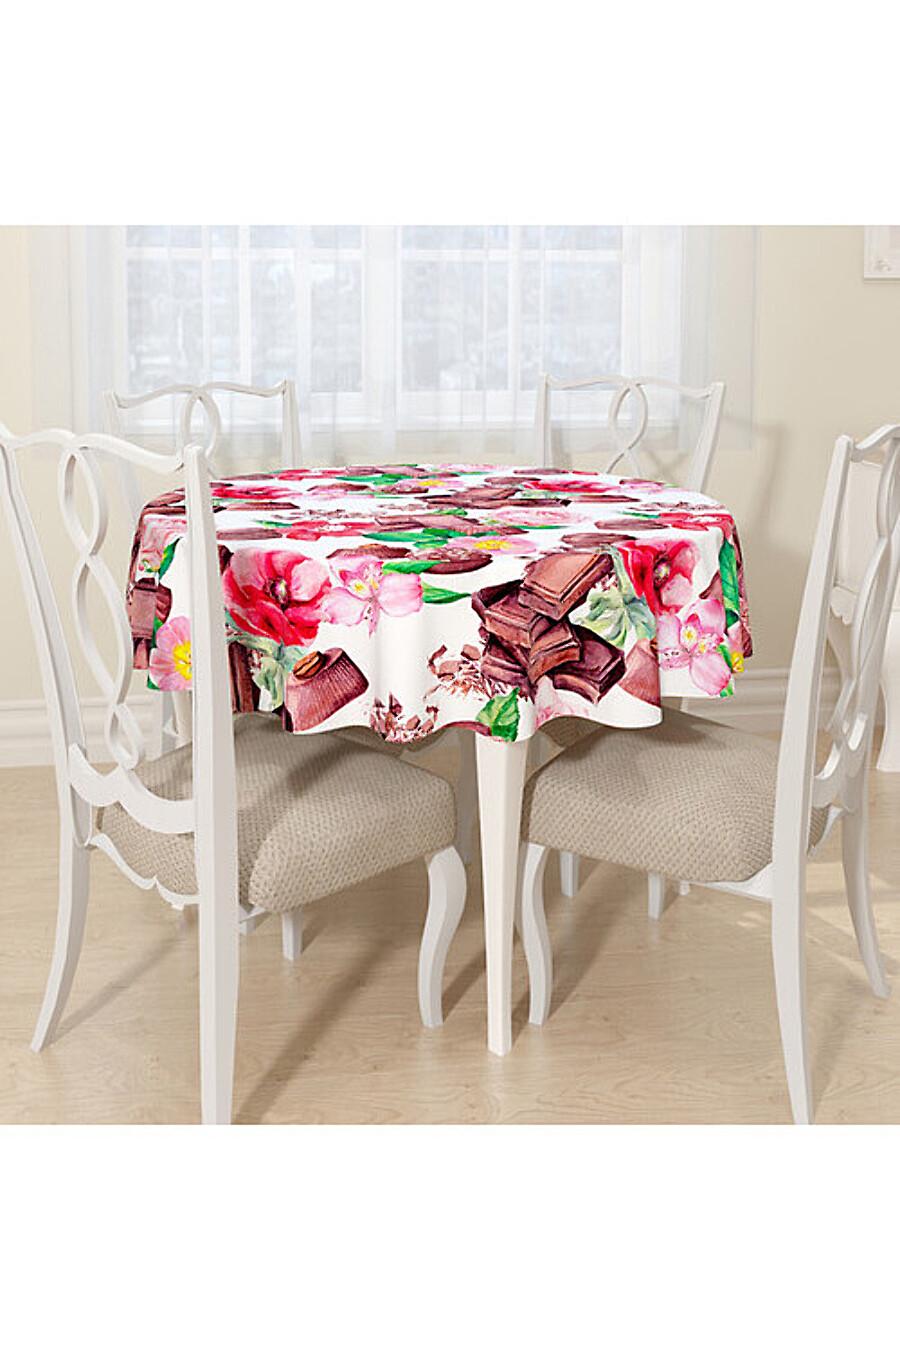 Скатерть для дома ART HOME TEXTILE 180258 купить оптом от производителя. Совместная покупка товаров для дома в OptMoyo